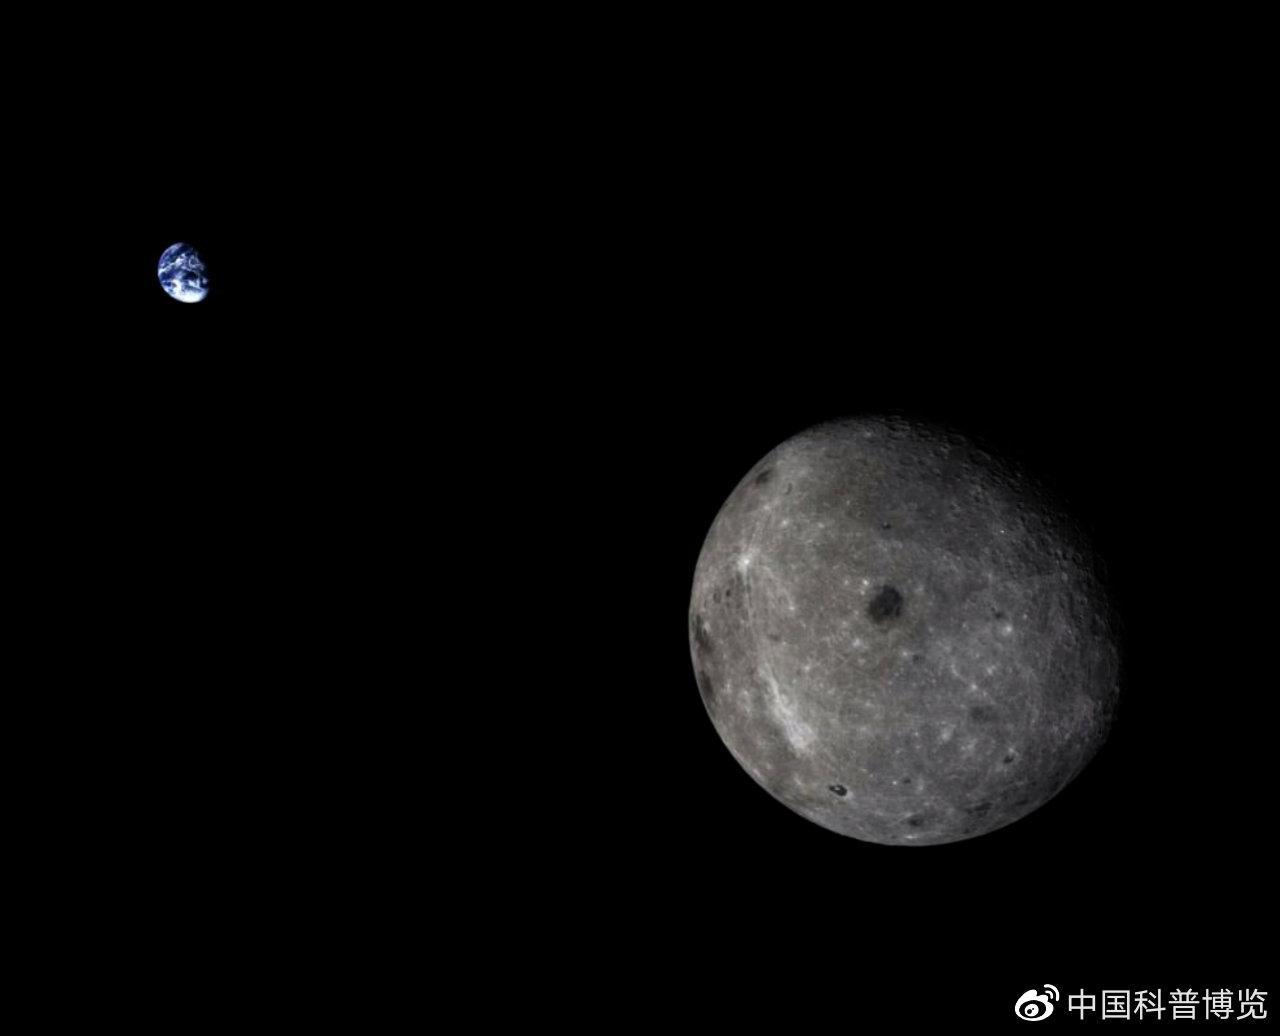 2014年10月发射的嫦娥五号T1试验器拍摄的地球和月球合影©国家航天局